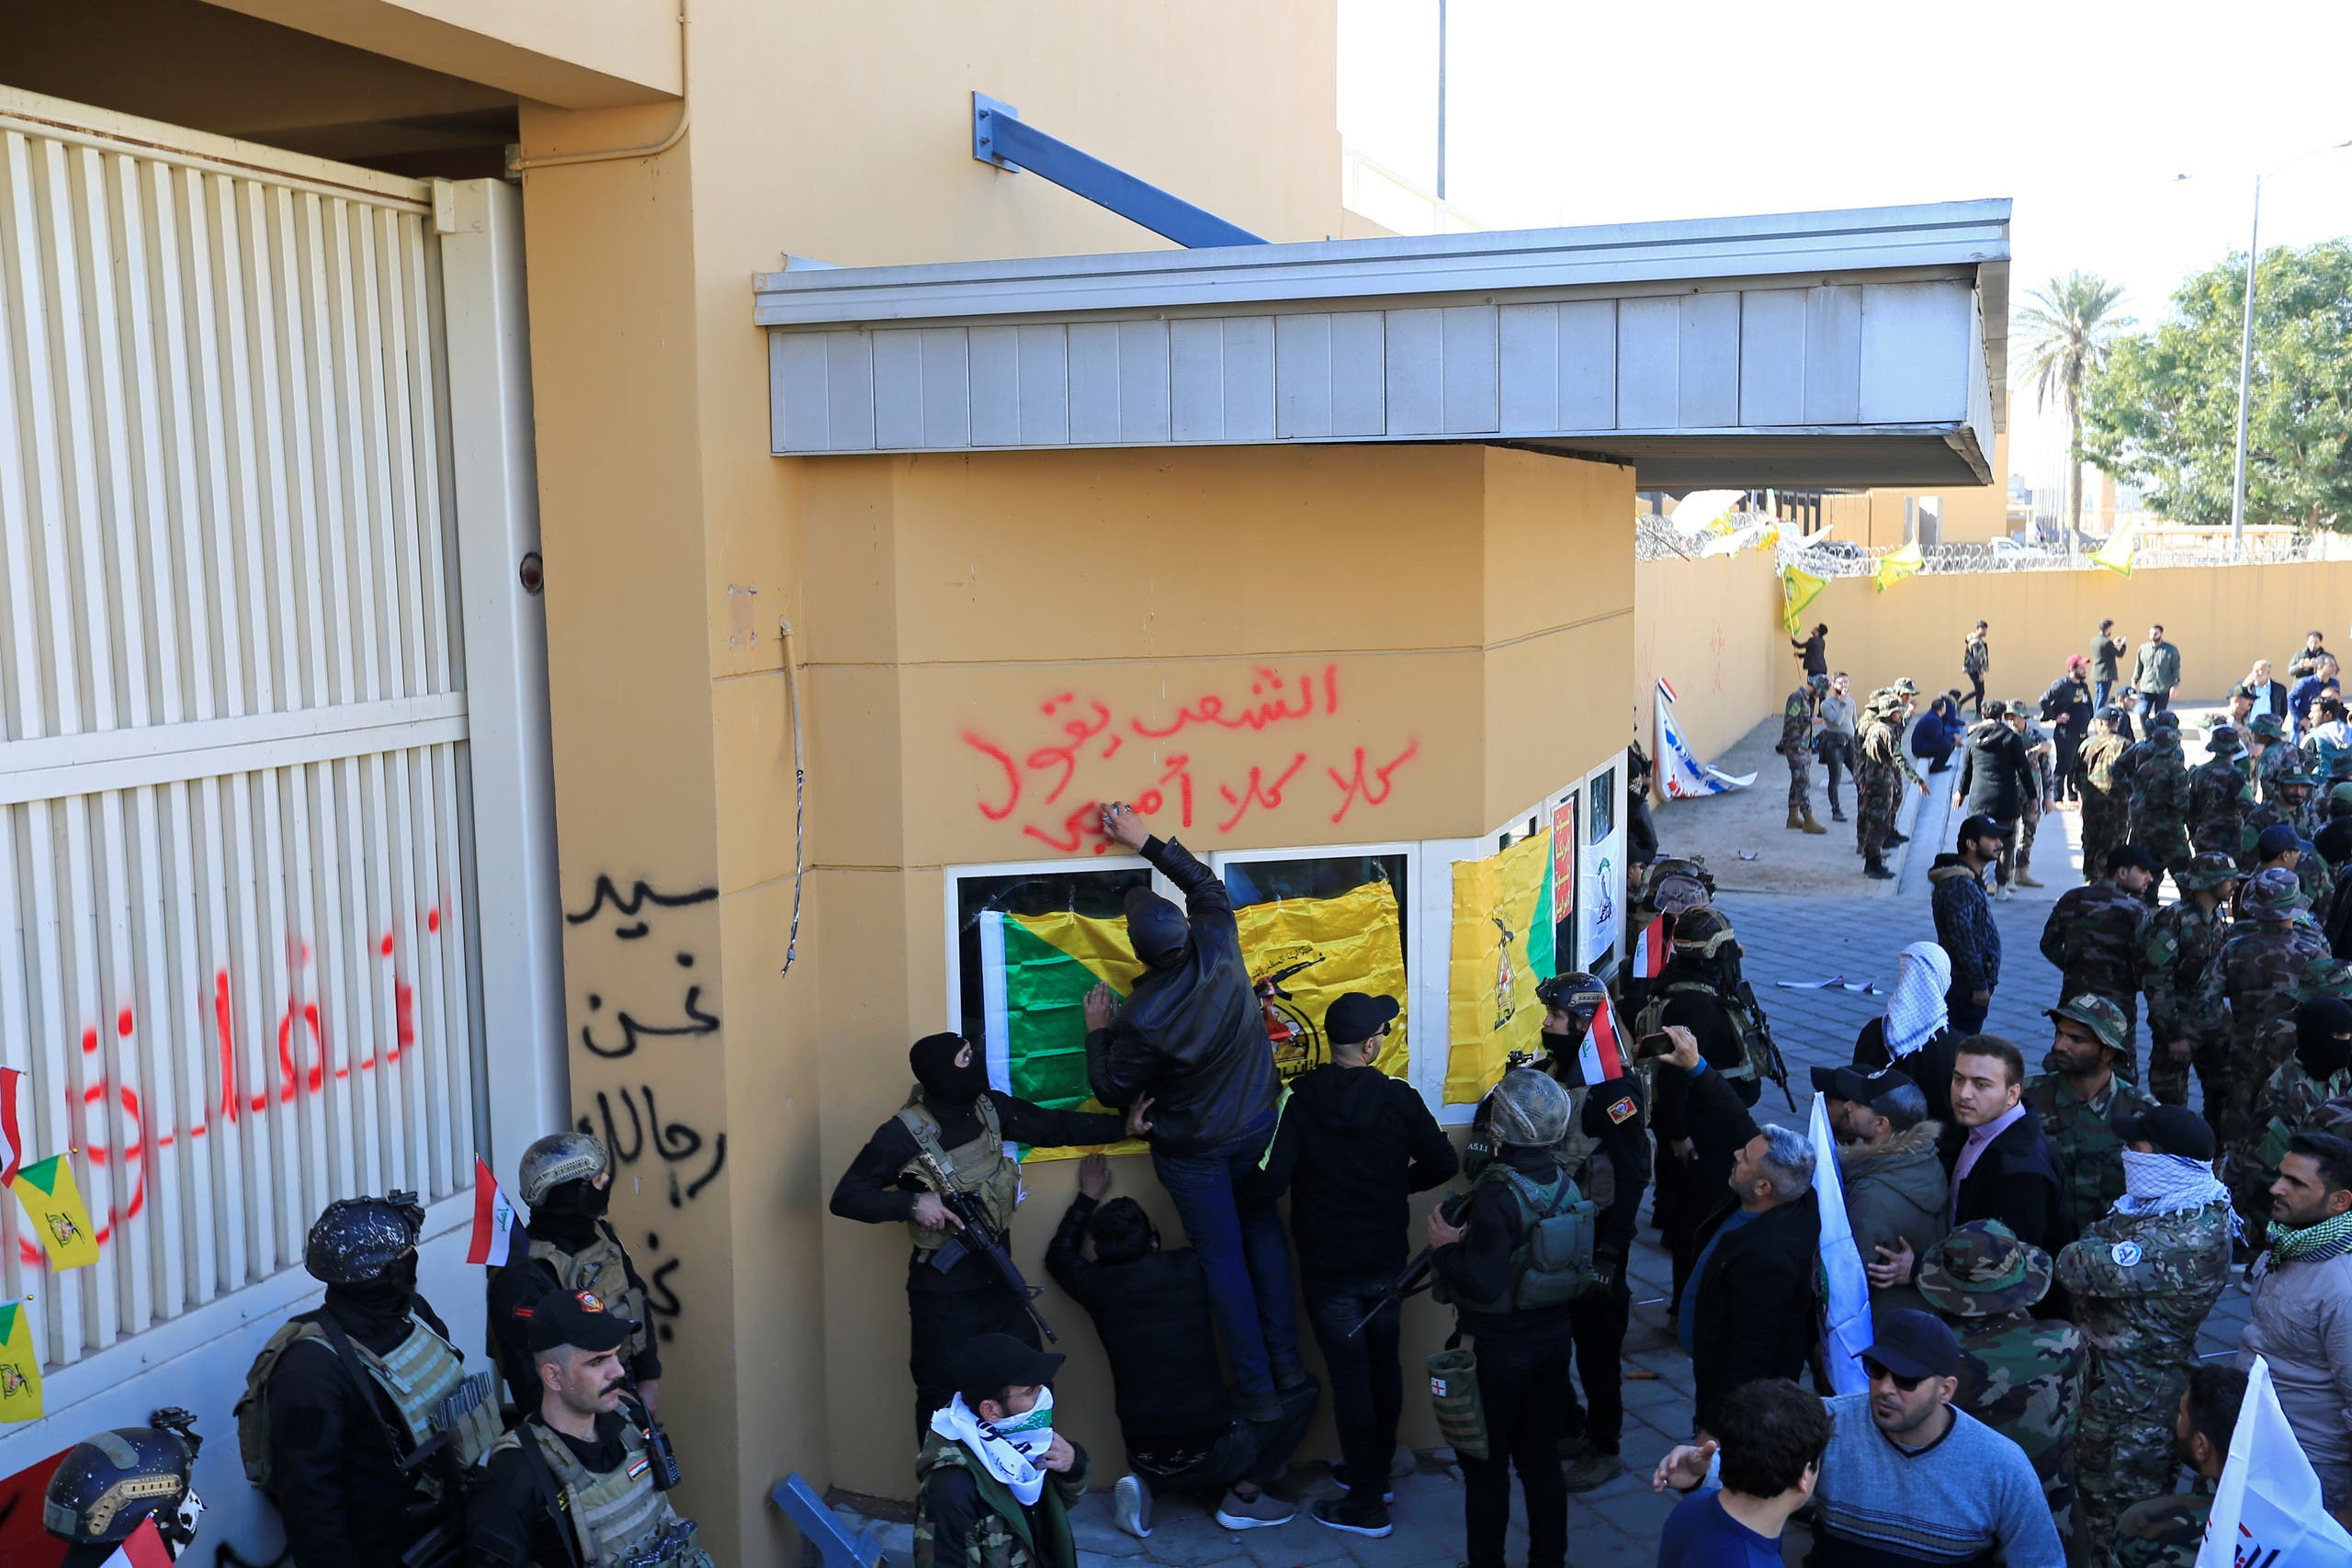 روی دیوار با اشاره به رهبر ایران با خط مشکی نوشته شده «ما سربازان تو هستیم سید»